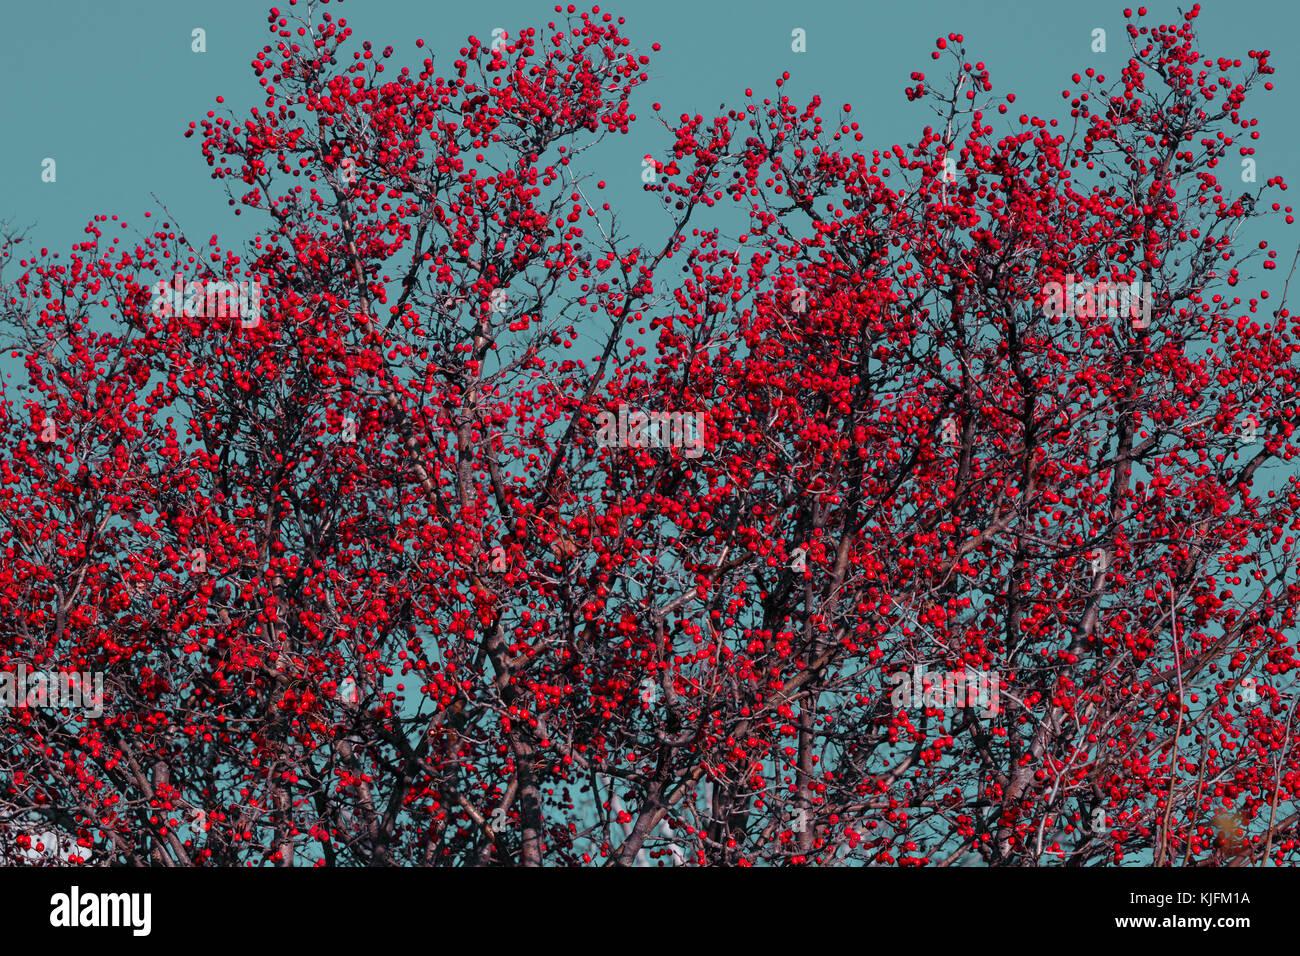 Albero Con Bacche Rosse bellissimo albero di biancospino con bacche rosse contro il